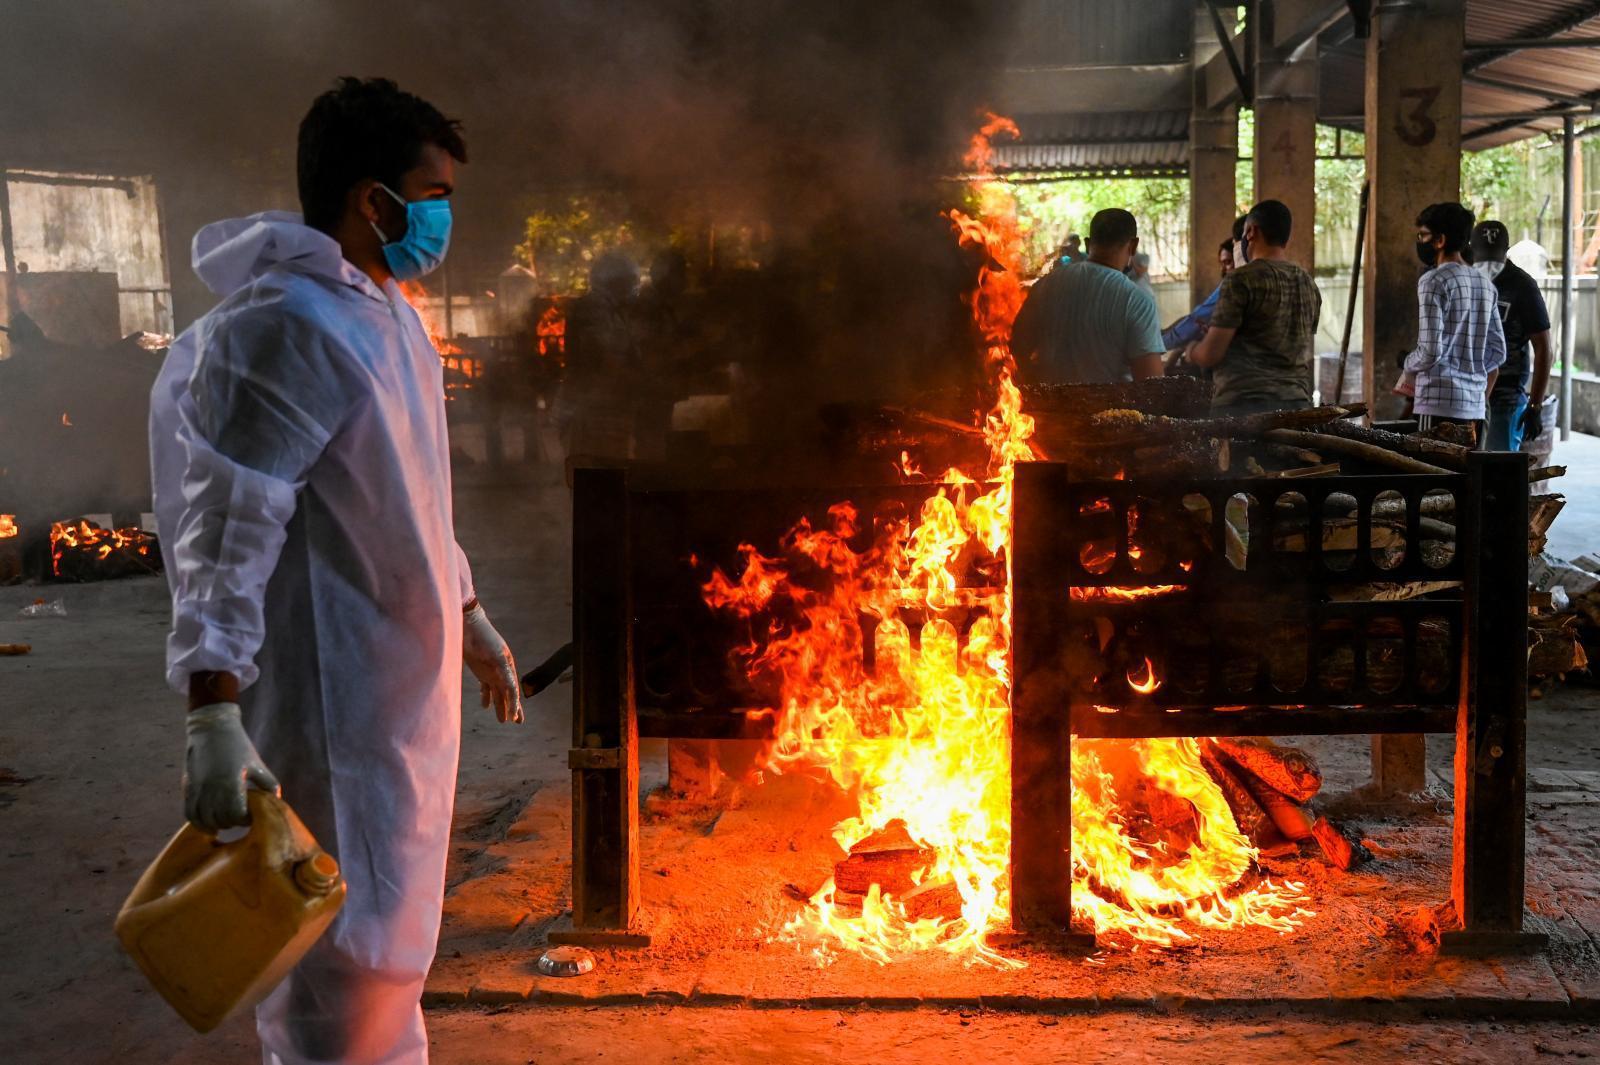 โควิด-19 อินเดีย คร่าชีวิตบุคลากรการแพทย์ทะลุ 1,000 คน